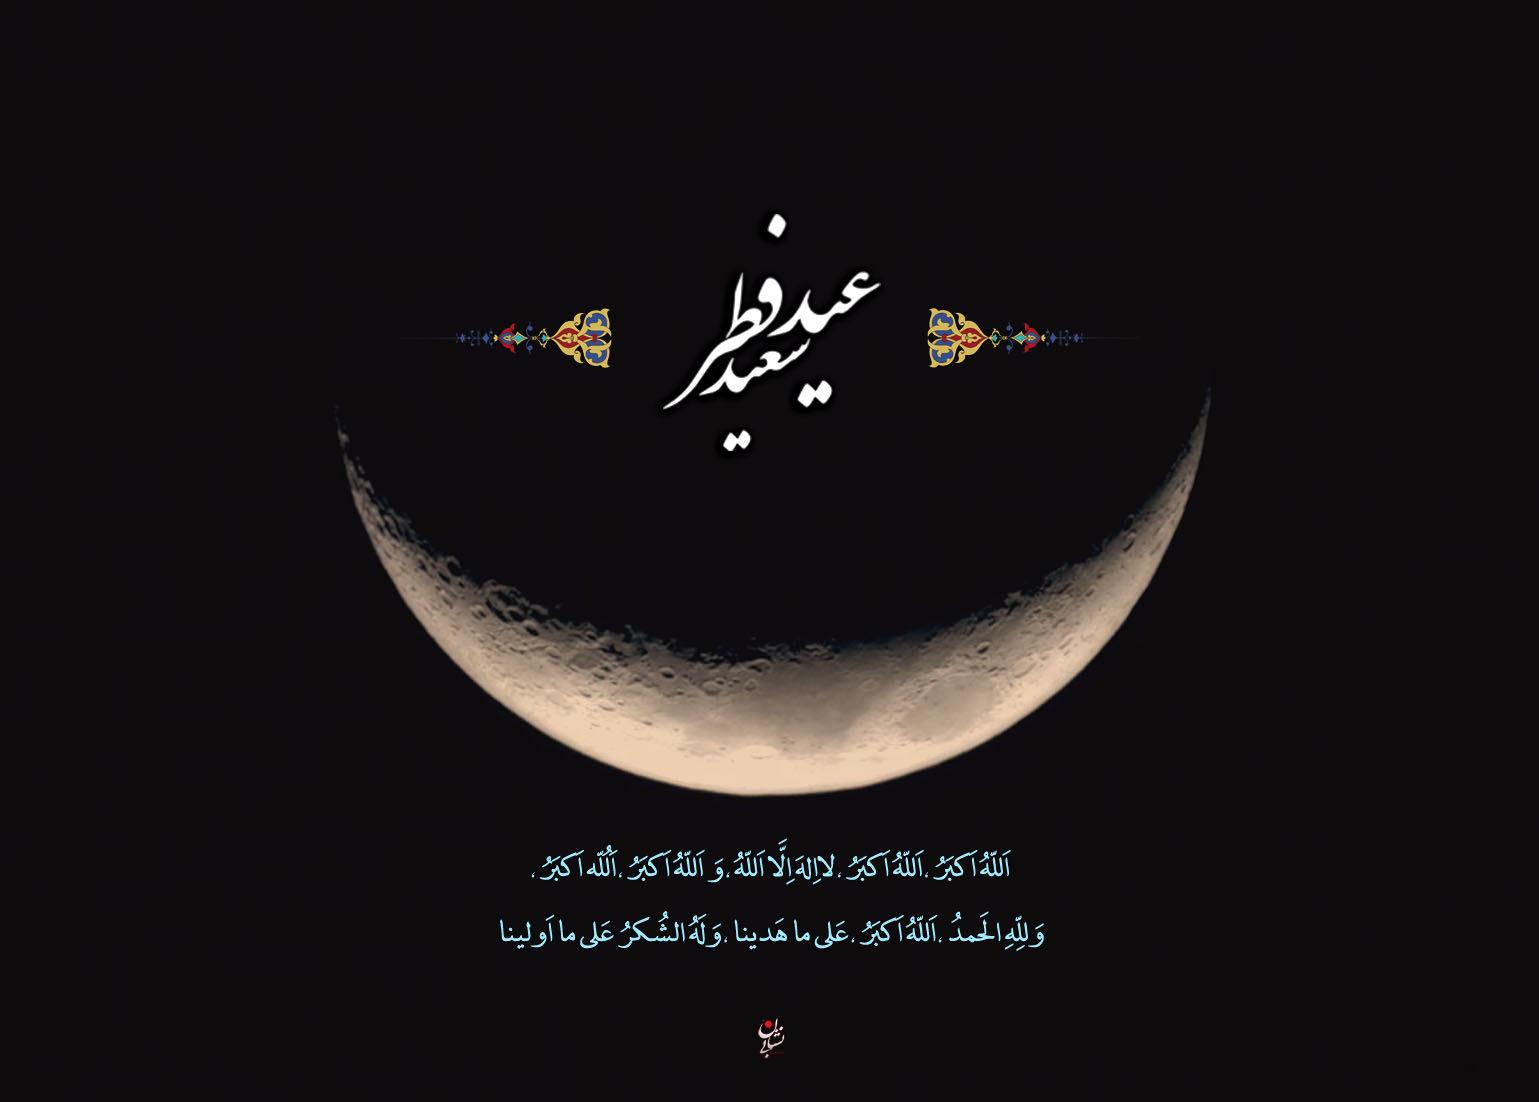 کارت پستال تبریک عید فطر